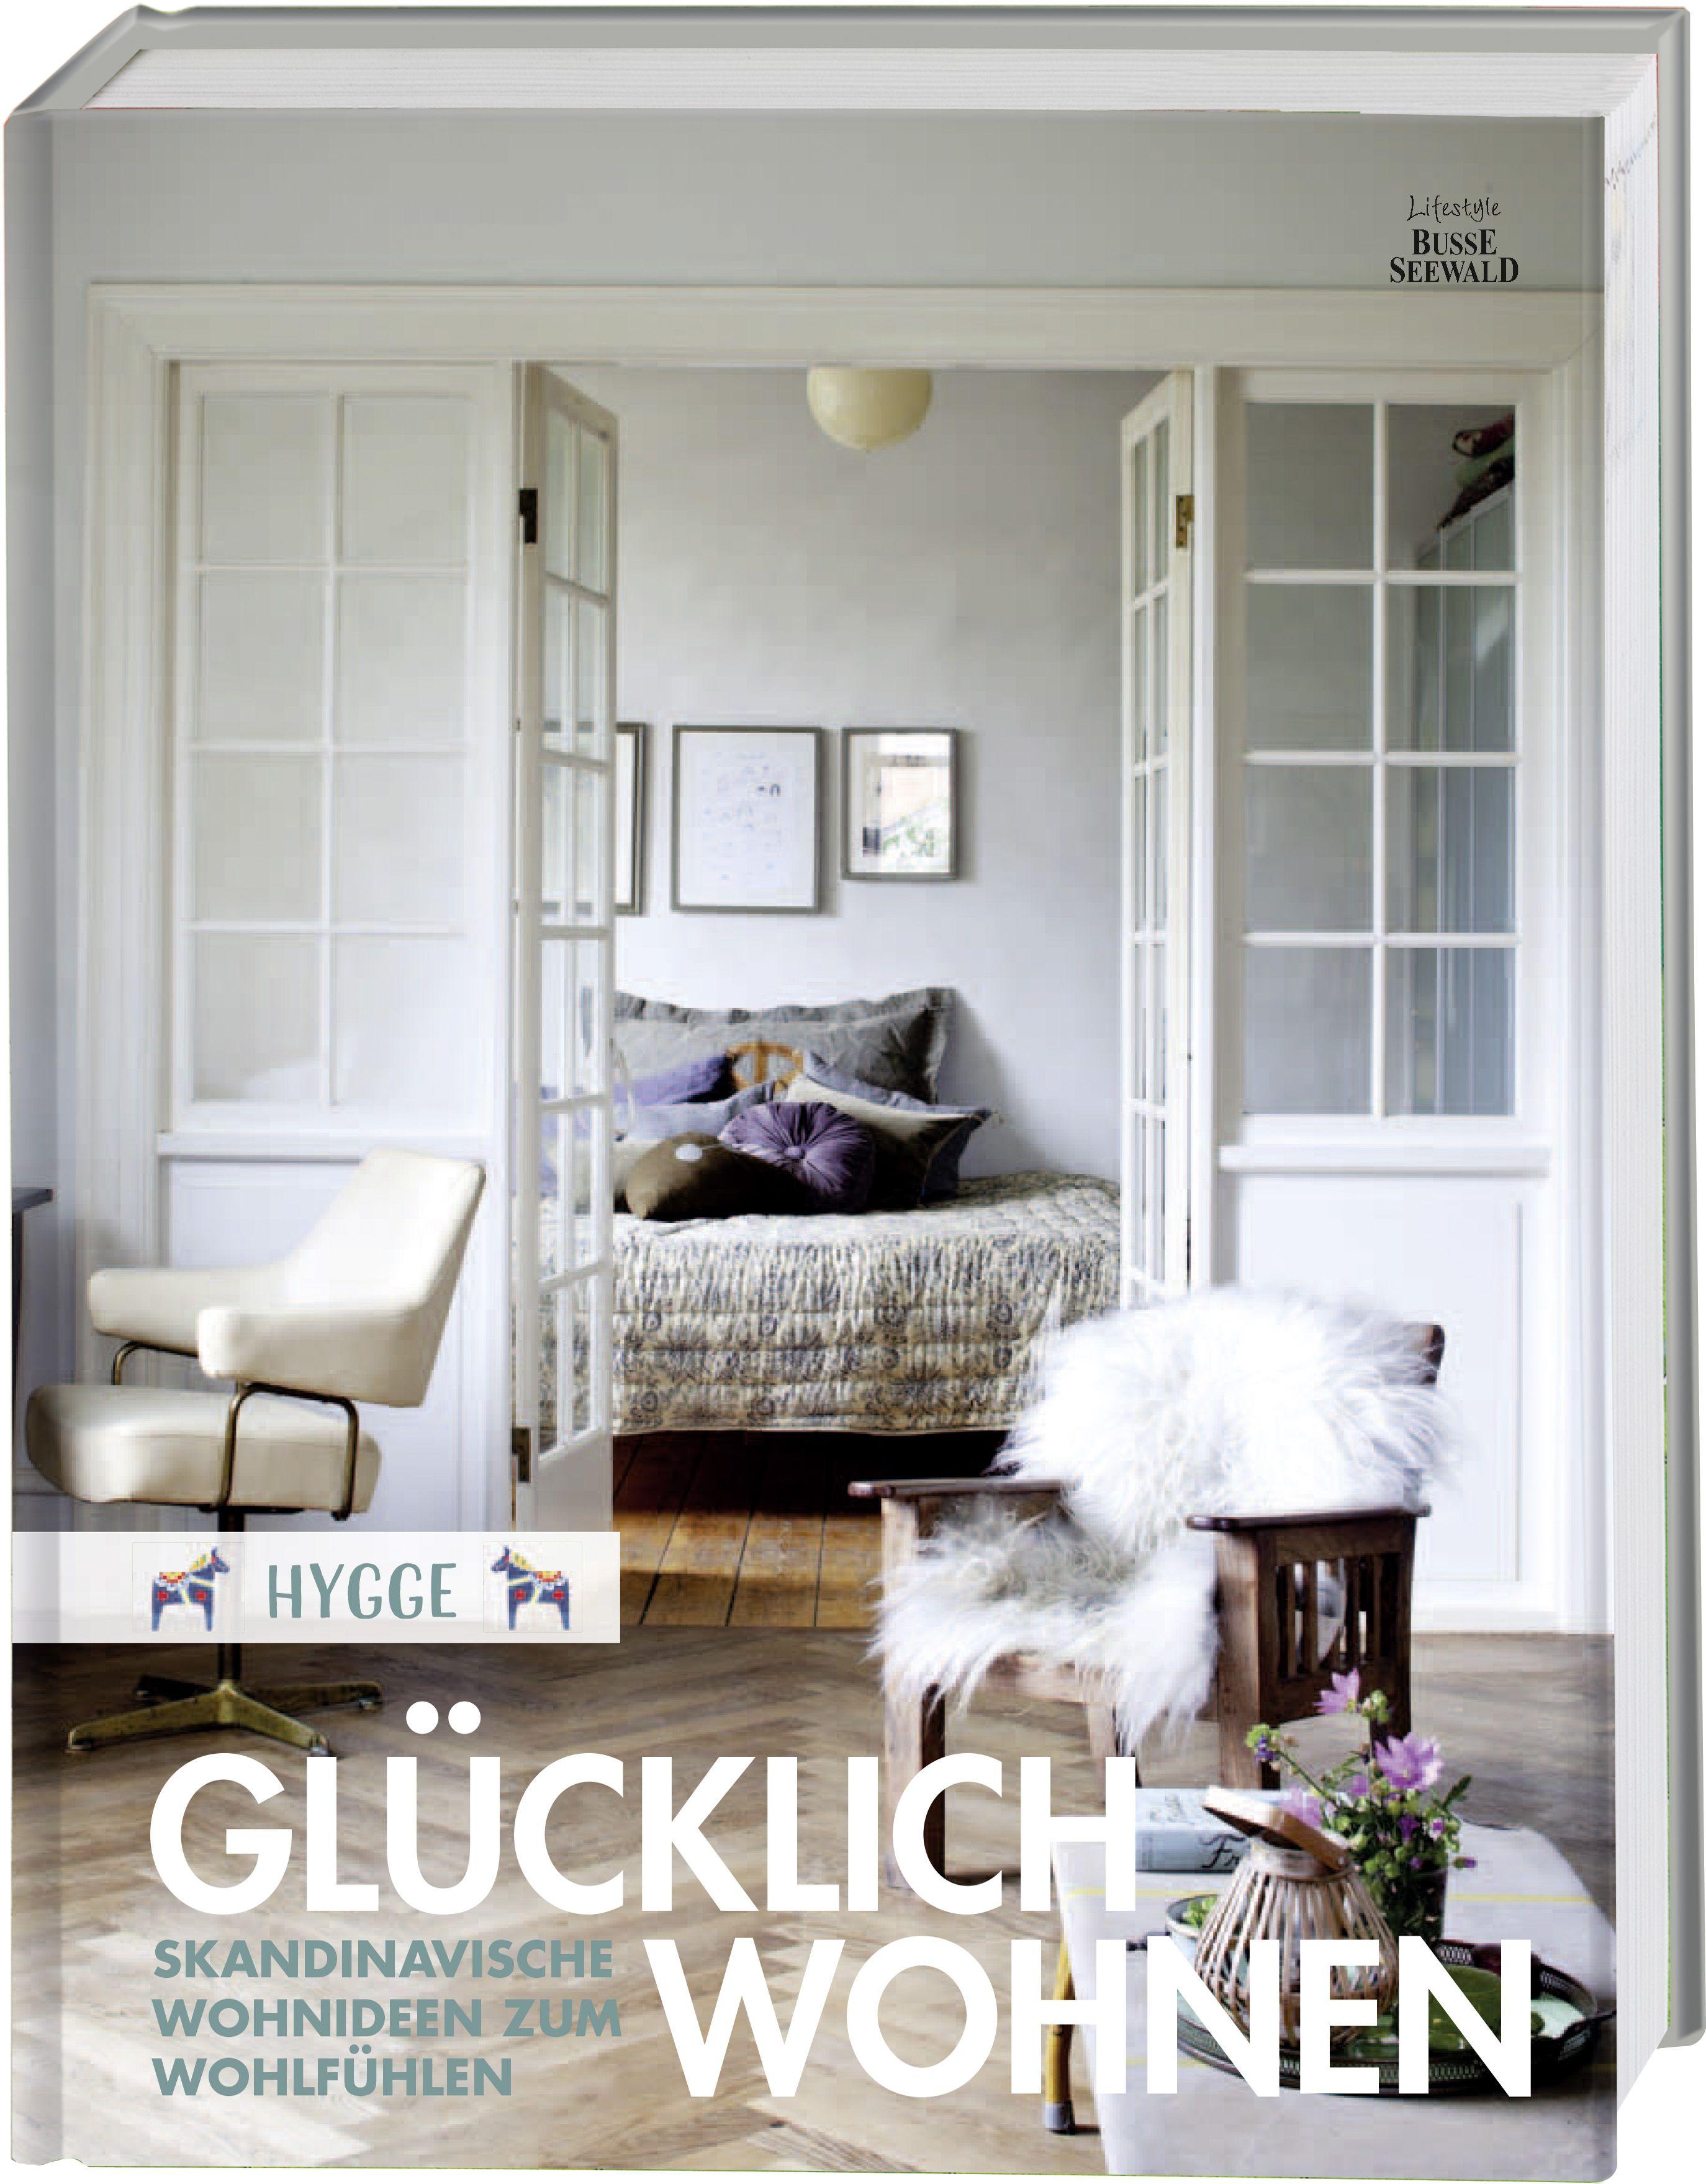 hygge gl cklich wohnen skandinavische wohnideen zum wohlf hlen. Black Bedroom Furniture Sets. Home Design Ideas